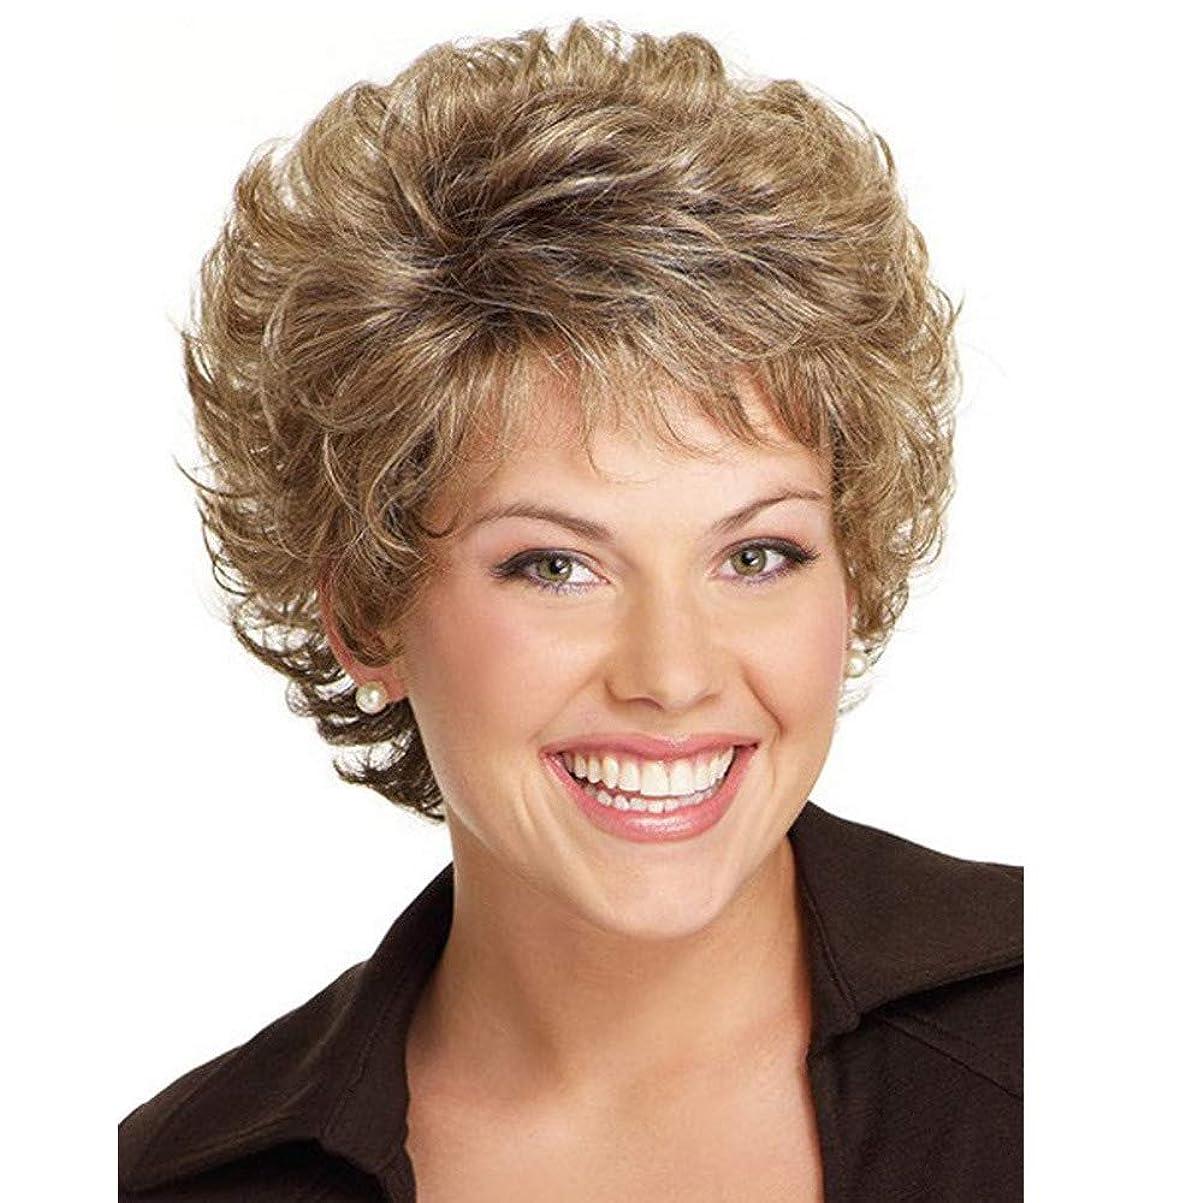 圧力北へ適応女性かつら180%高密度耐熱短髪混色カール人工毛フル毛髪かつらブラウン22 cm